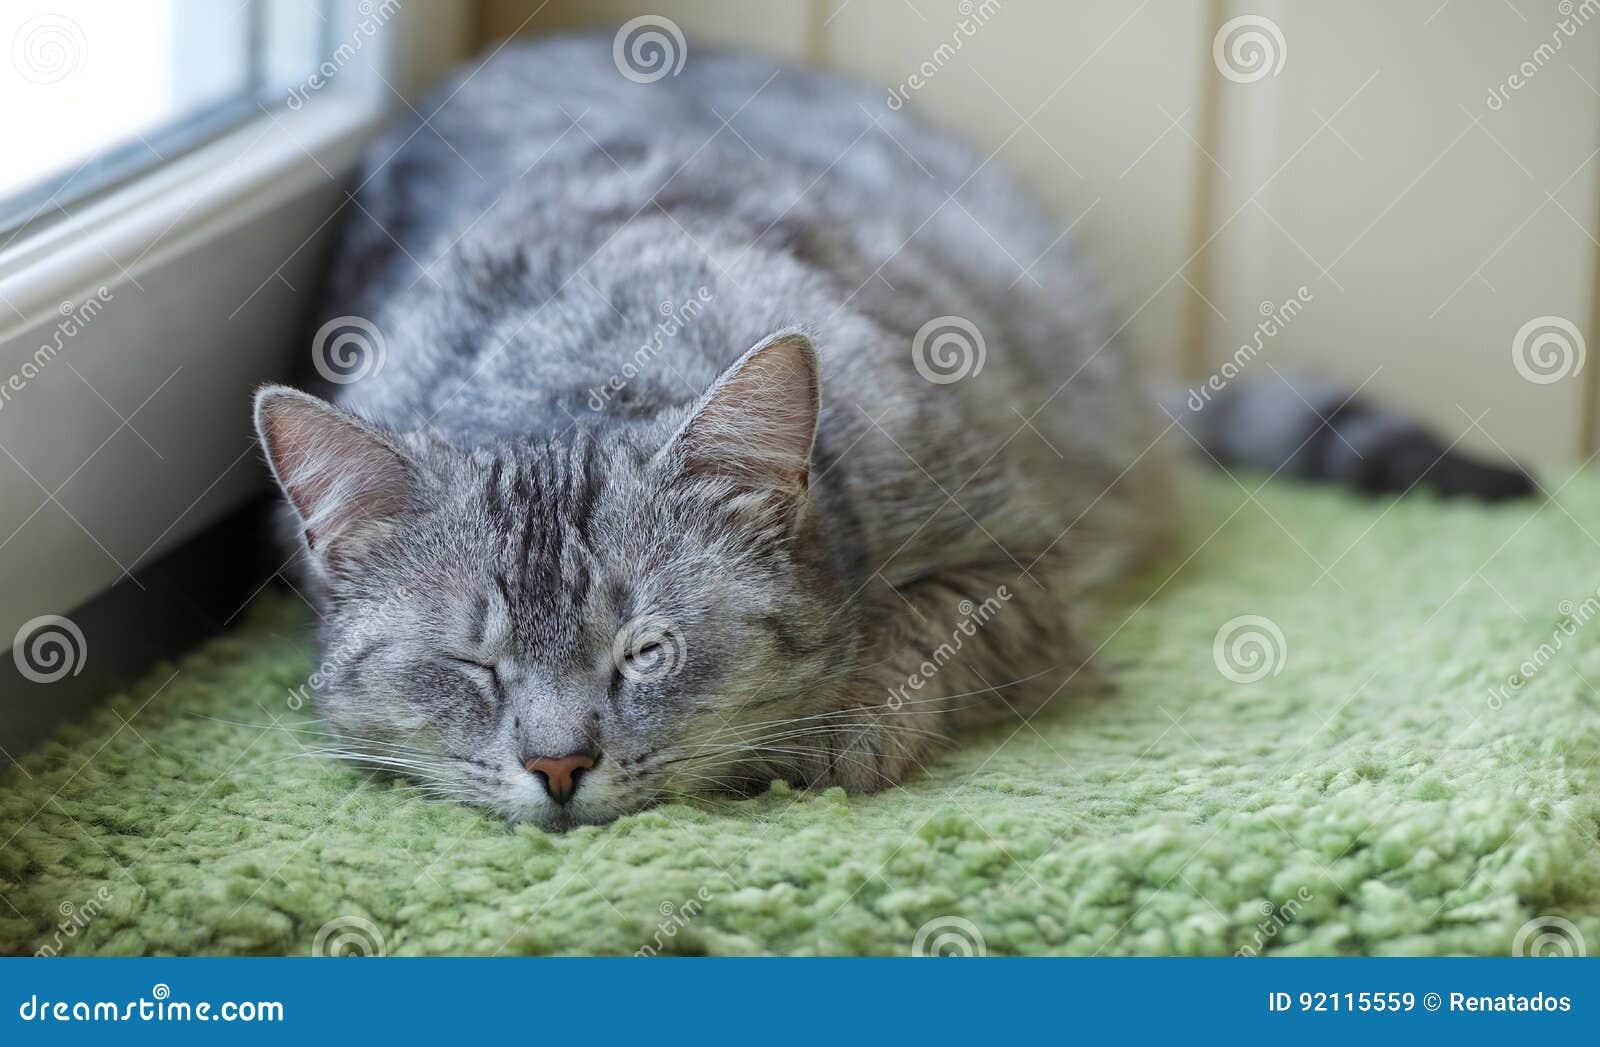 Gato soñoliento en un balcón Gato divertido en día de verano caliente, foto chistosa el dormir del gato el dormir Cat Resting